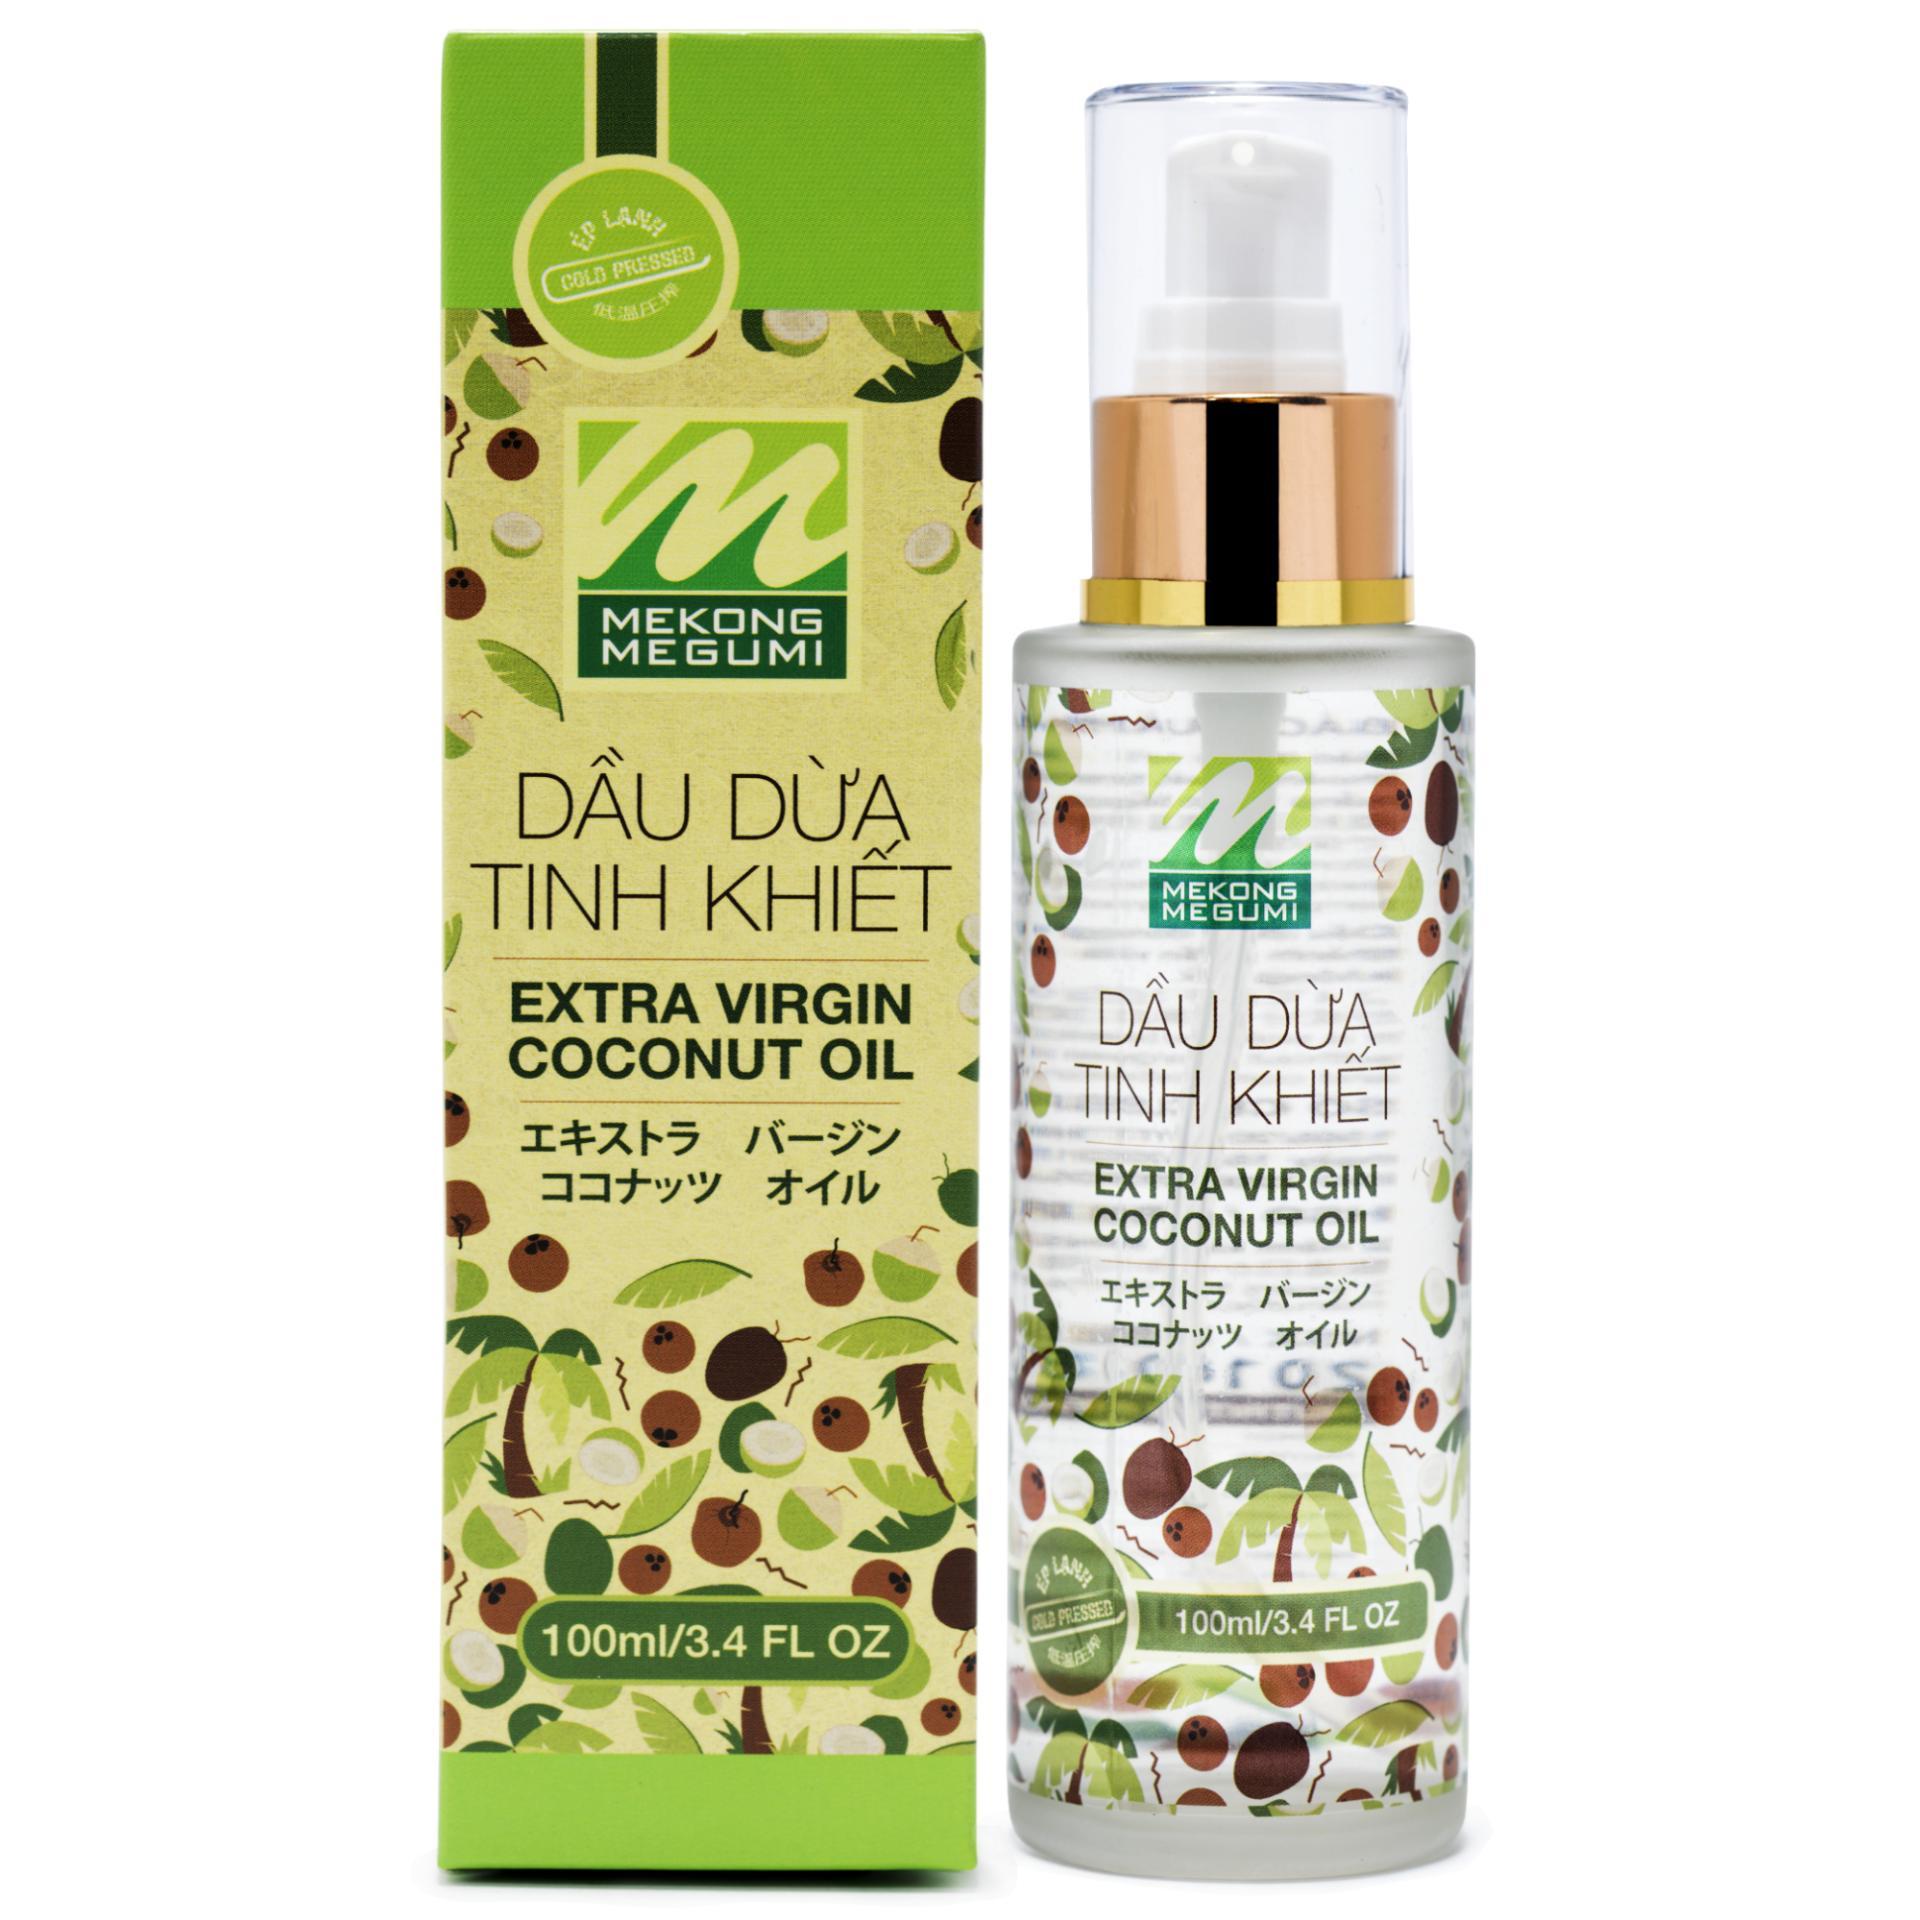 DẦU DỪA TINH KHIẾT ÉP LẠNH MEKÔNG MEGUMI (Extra Virgin Coconut Oil) _ 100ML